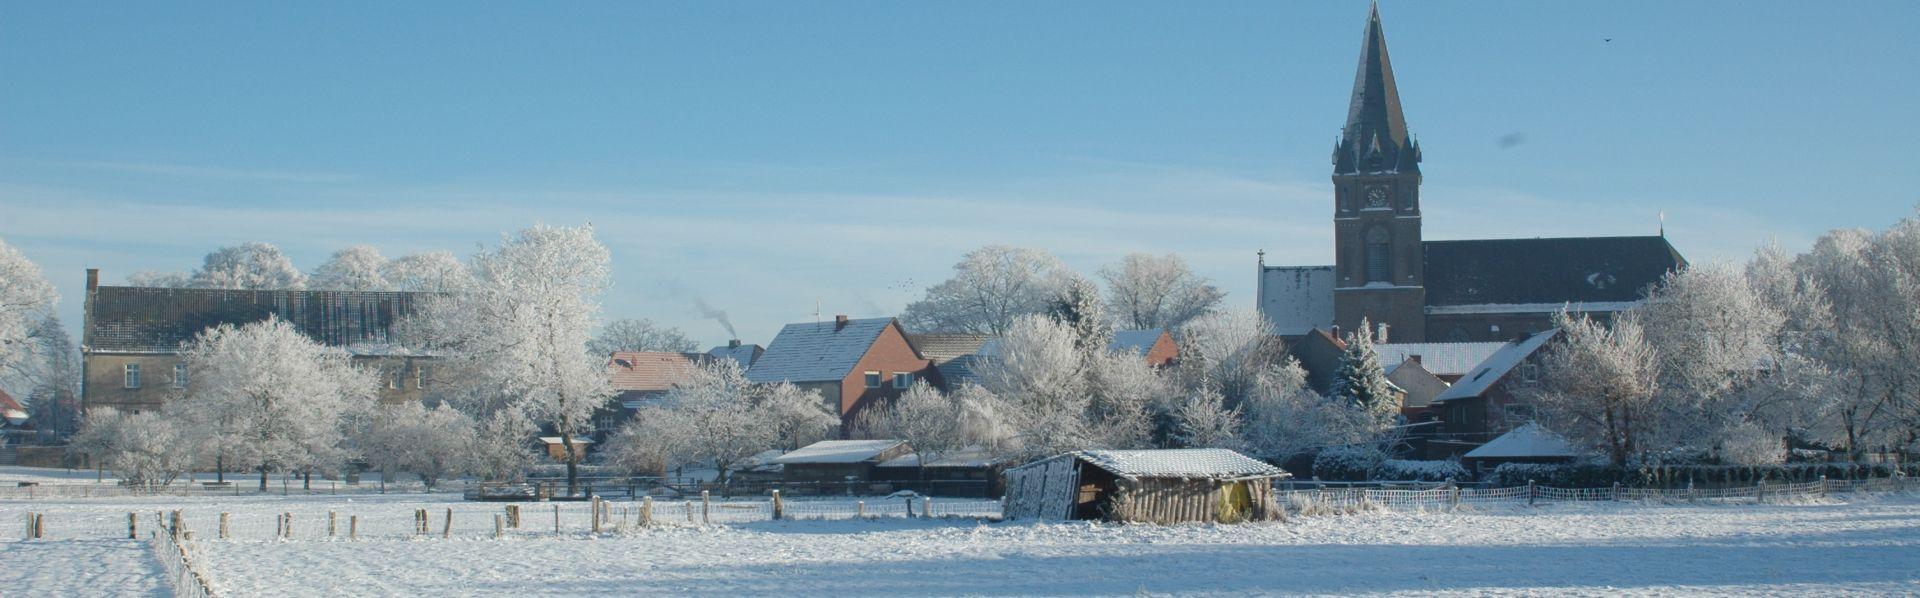 Winter Landschaft Kirche